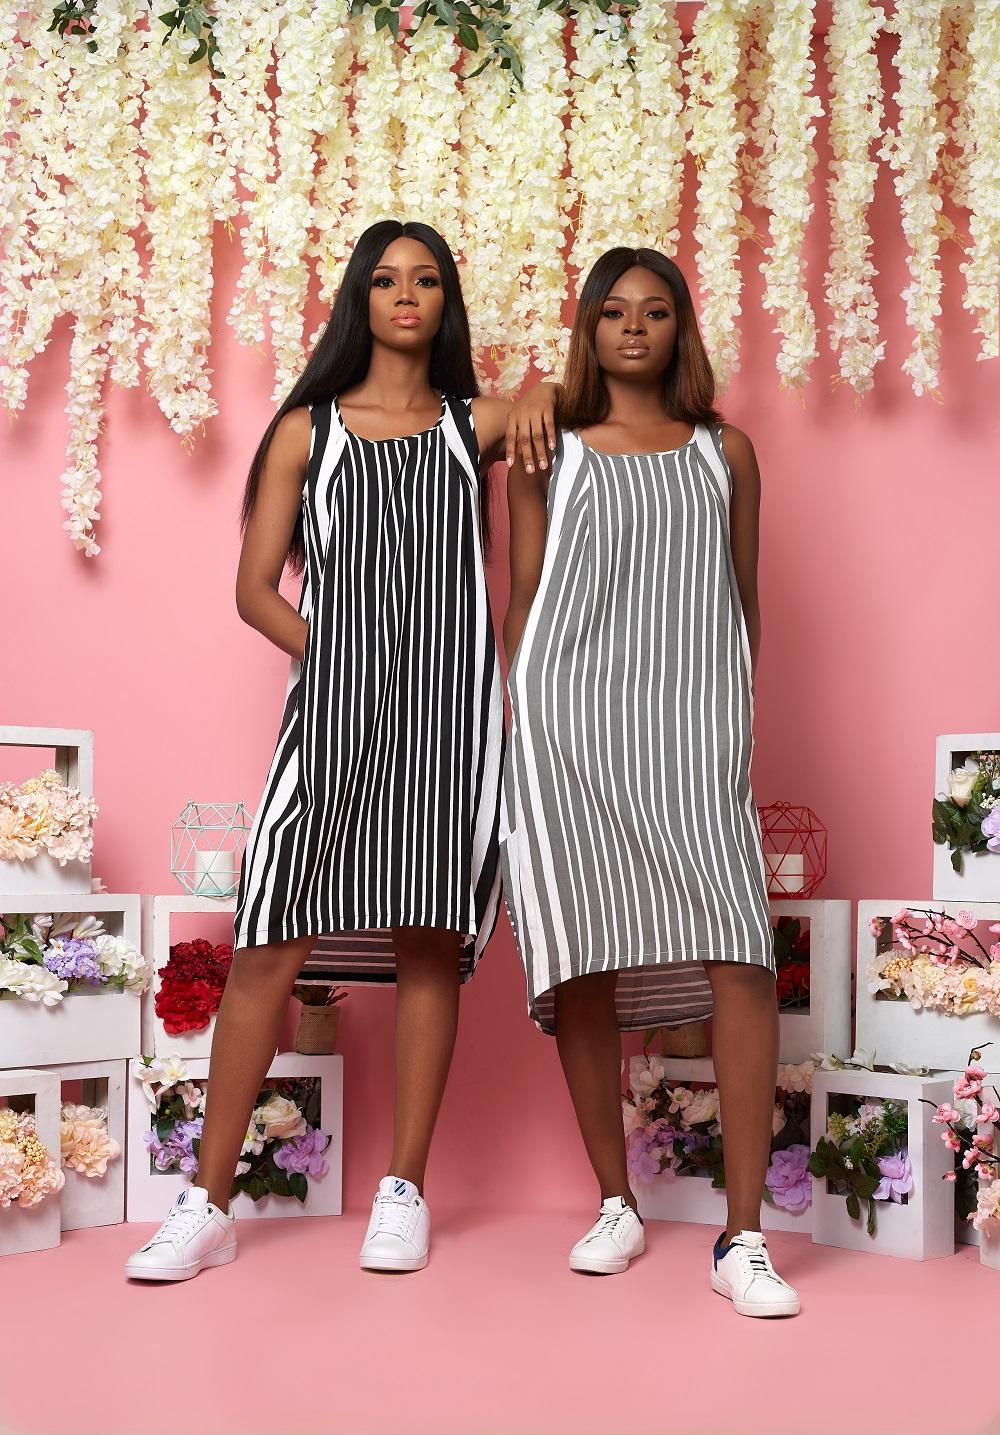 fashion-tambari-rhb-styles-latest-tarin-yana-mai cikakke-ne mai kwarjini